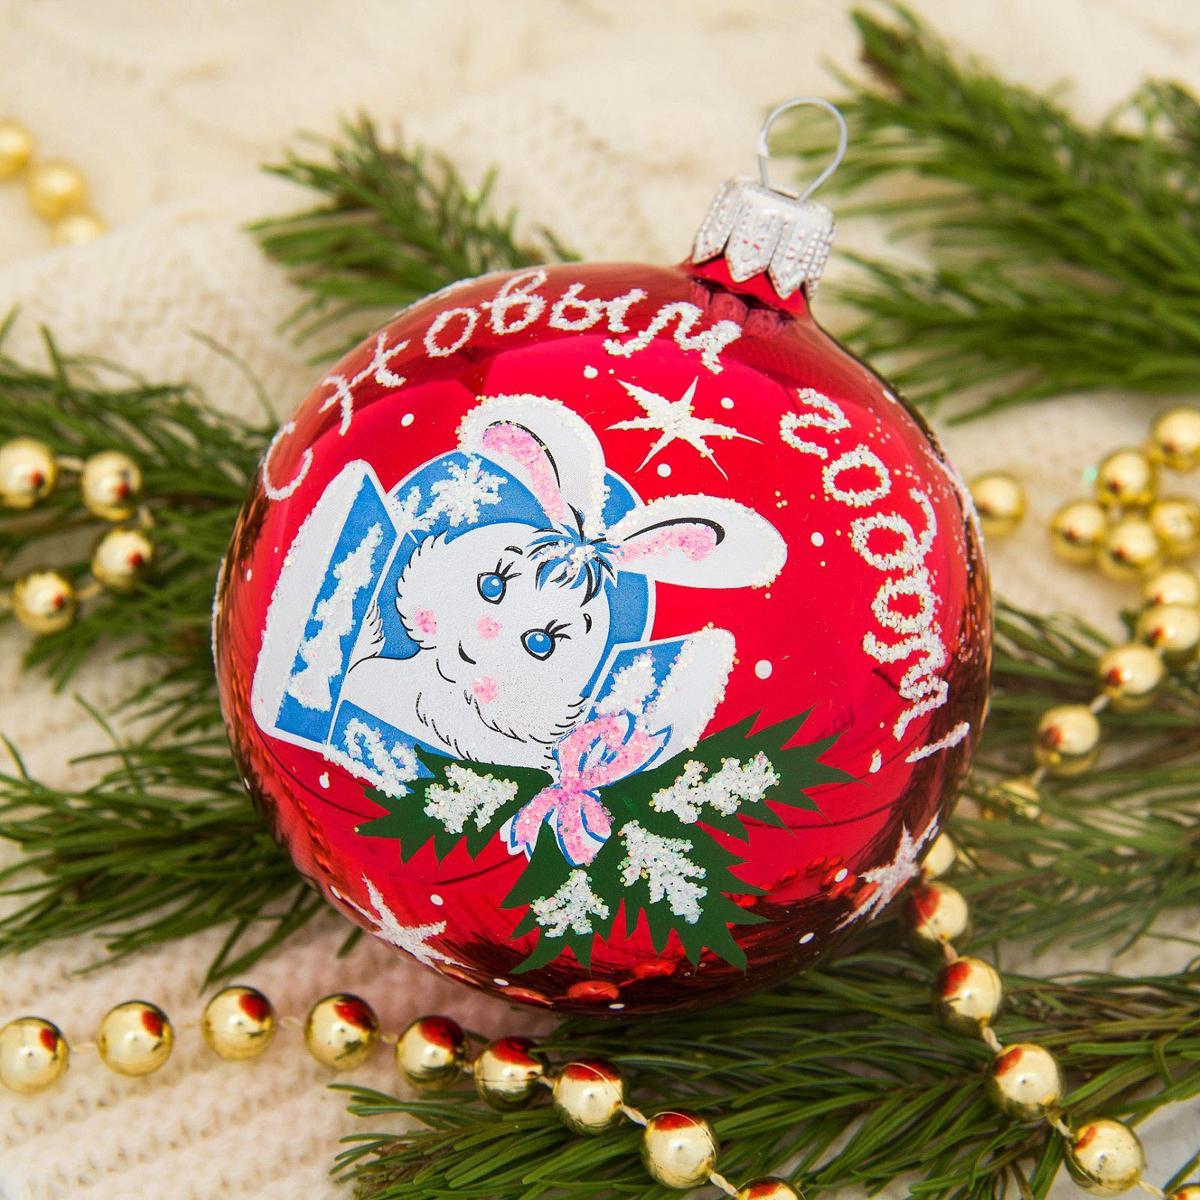 Новогоднее подвесное украшение Ёлочка Степашка, диаметр 7,5 см2564836Новогоднее подвесное украшение Ёлочка отлично подойдет для декорации вашего дома и новогодней ели. Новогоднее украшение можно повесить в любом понравившемся вам месте. Но, конечно, удачнее всего оно будет смотреться на праздничной елке.Елочная игрушка - символ Нового года. Она несет в себе волшебство и красоту праздника. Такое украшение создаст в вашем доме атмосферу праздника, веселья и радости.